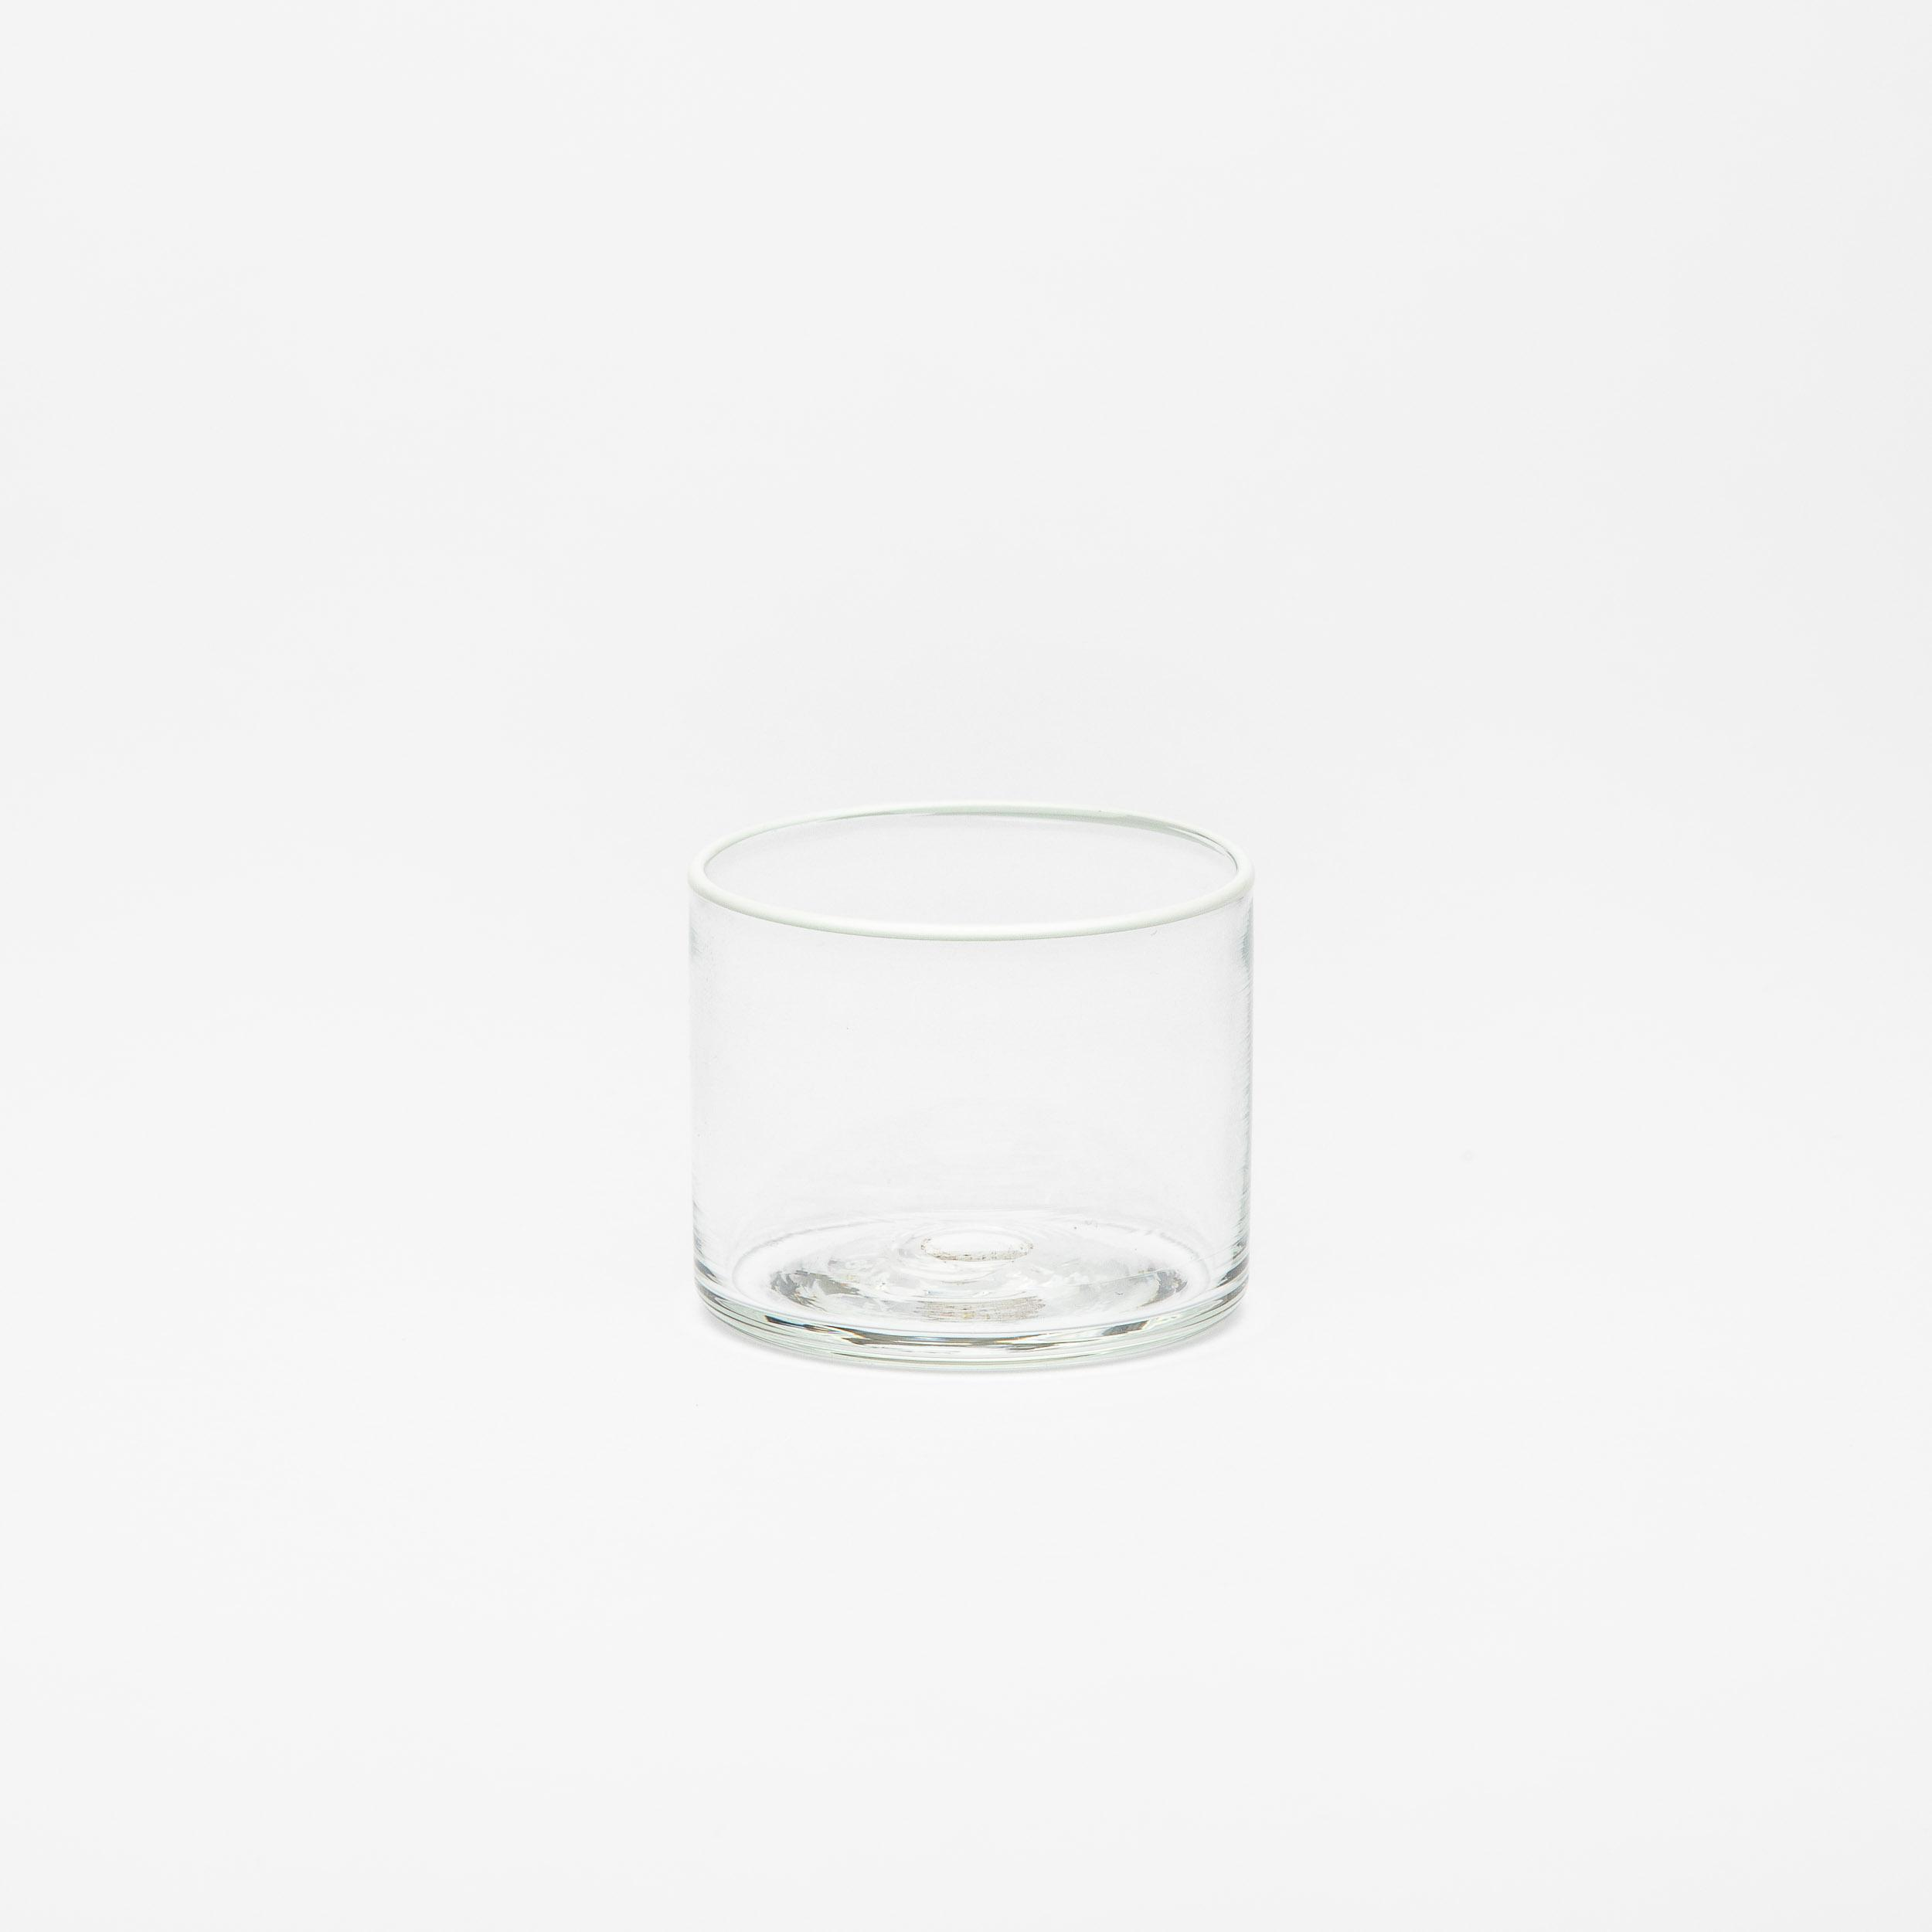 YALI-CRISTALLO-ESPRESSO-CUP-1.jpg